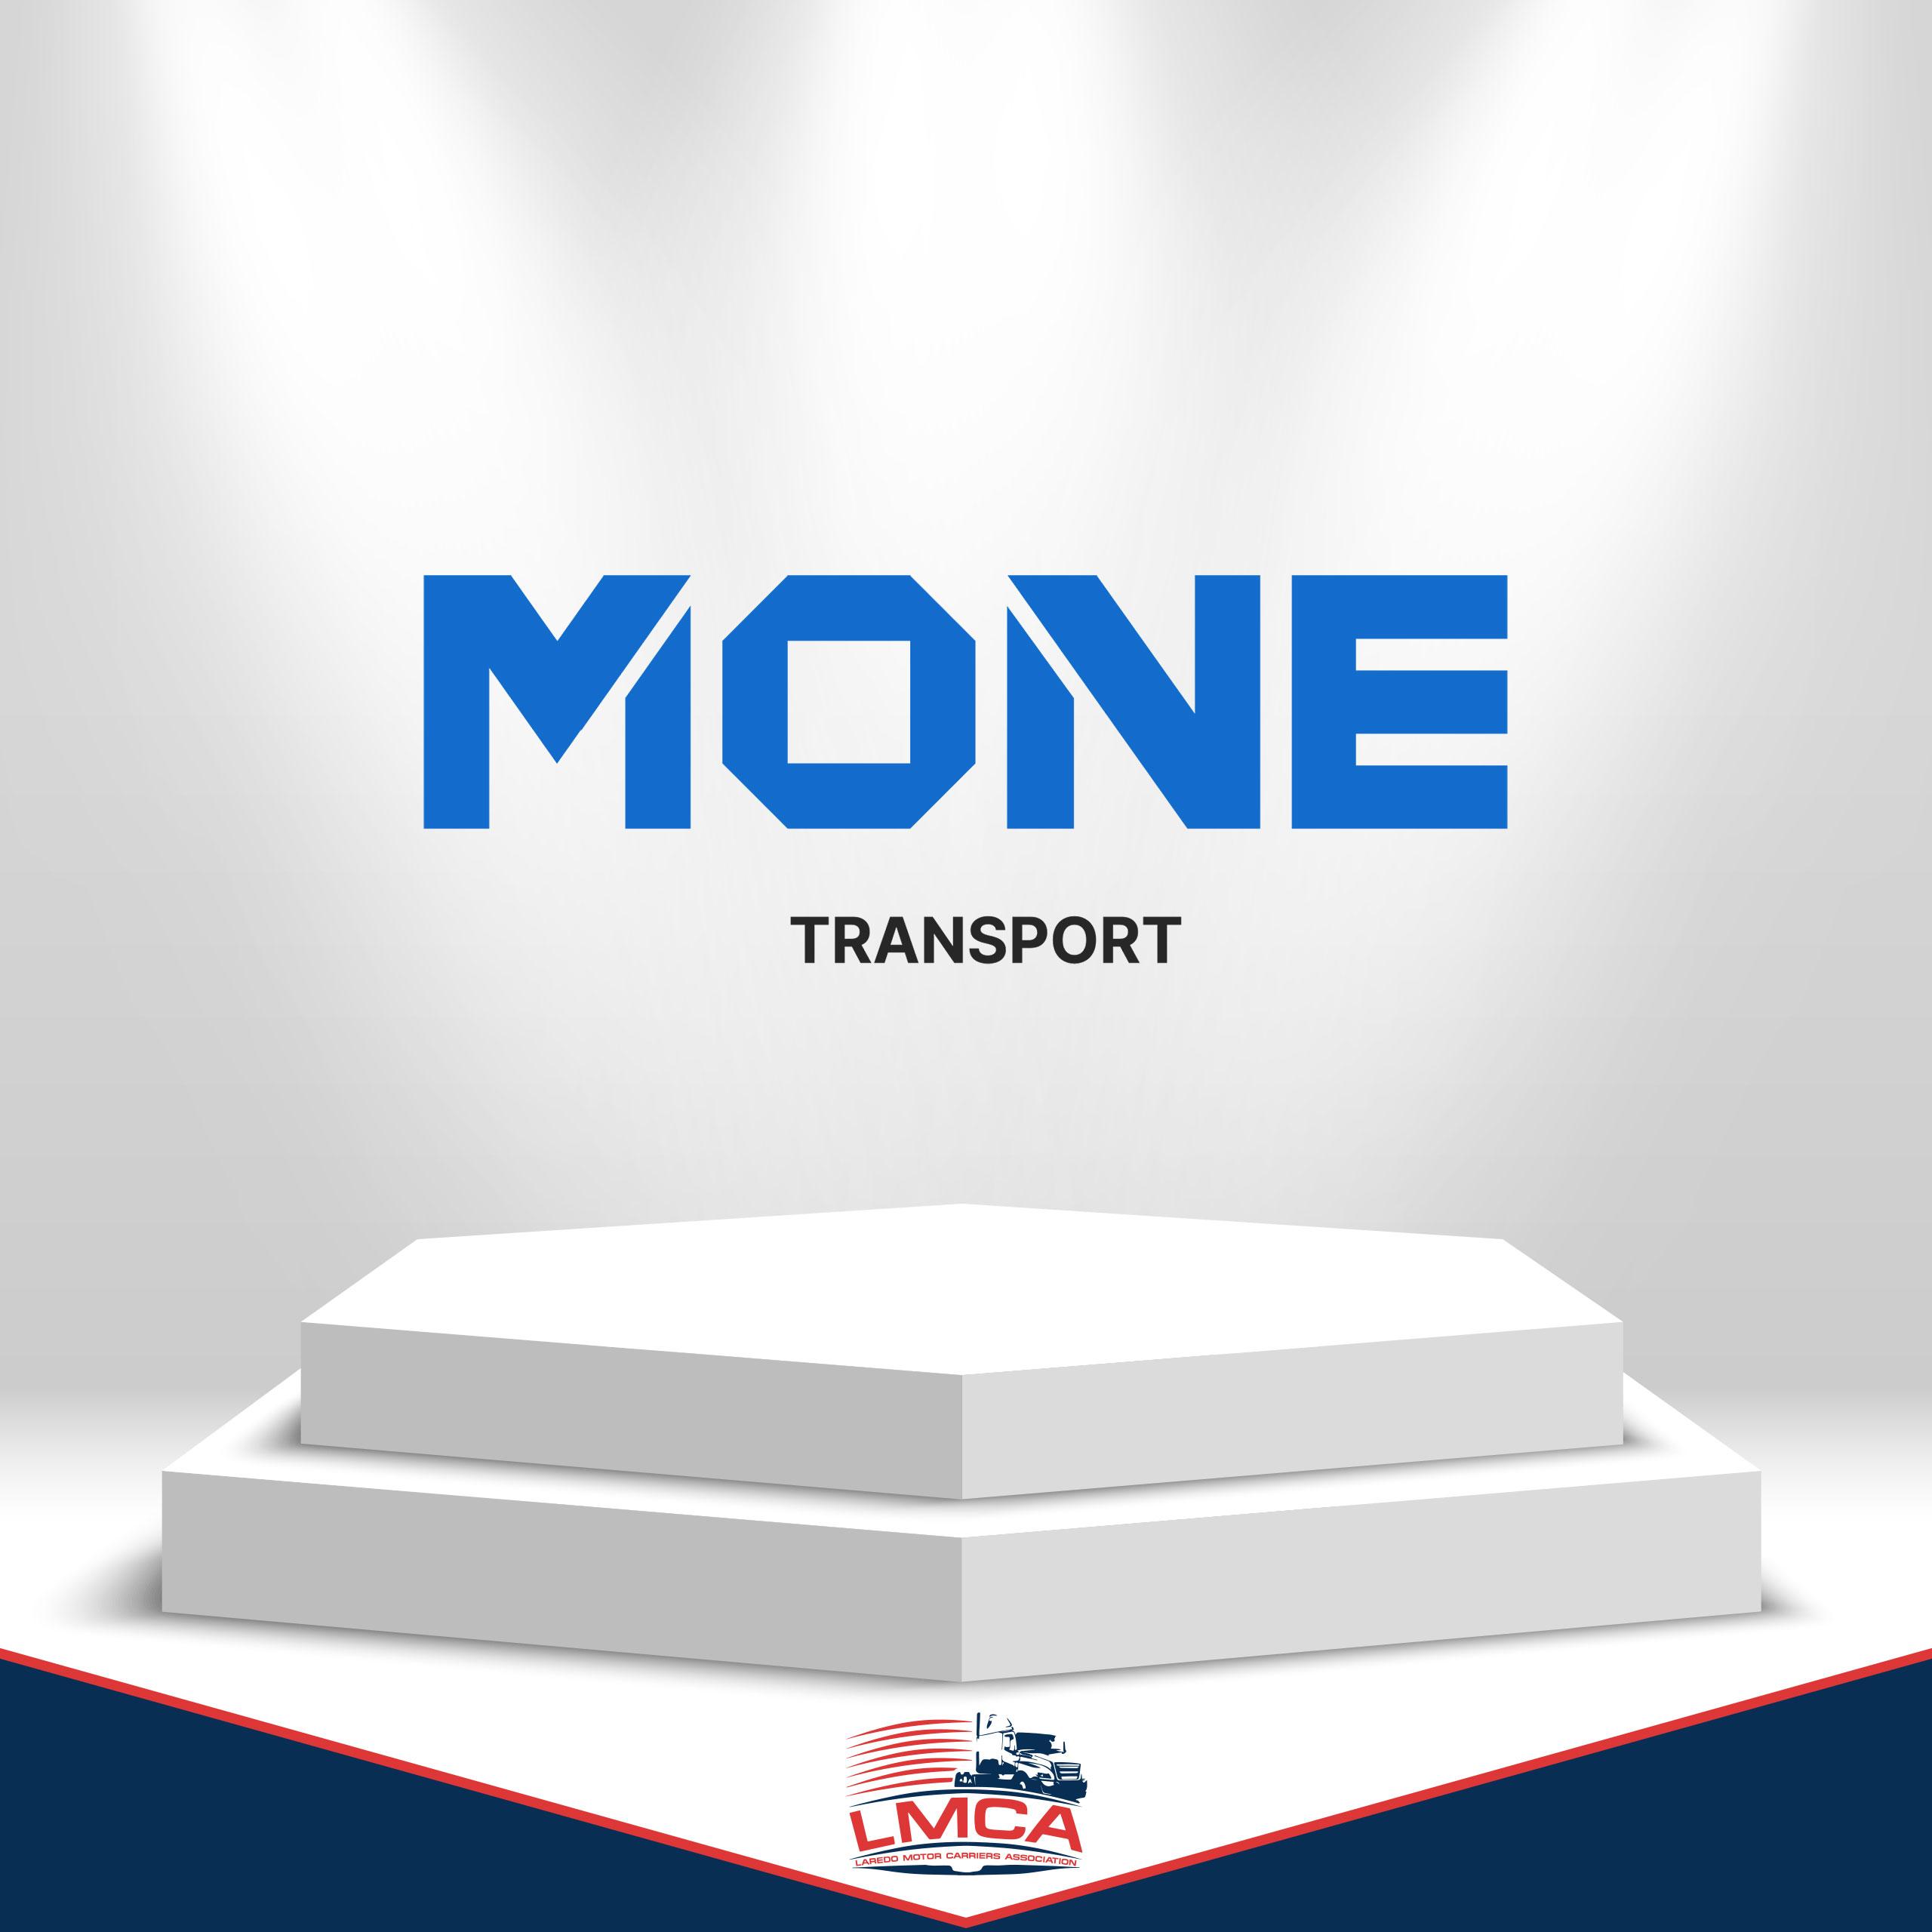 MONE-LMCA